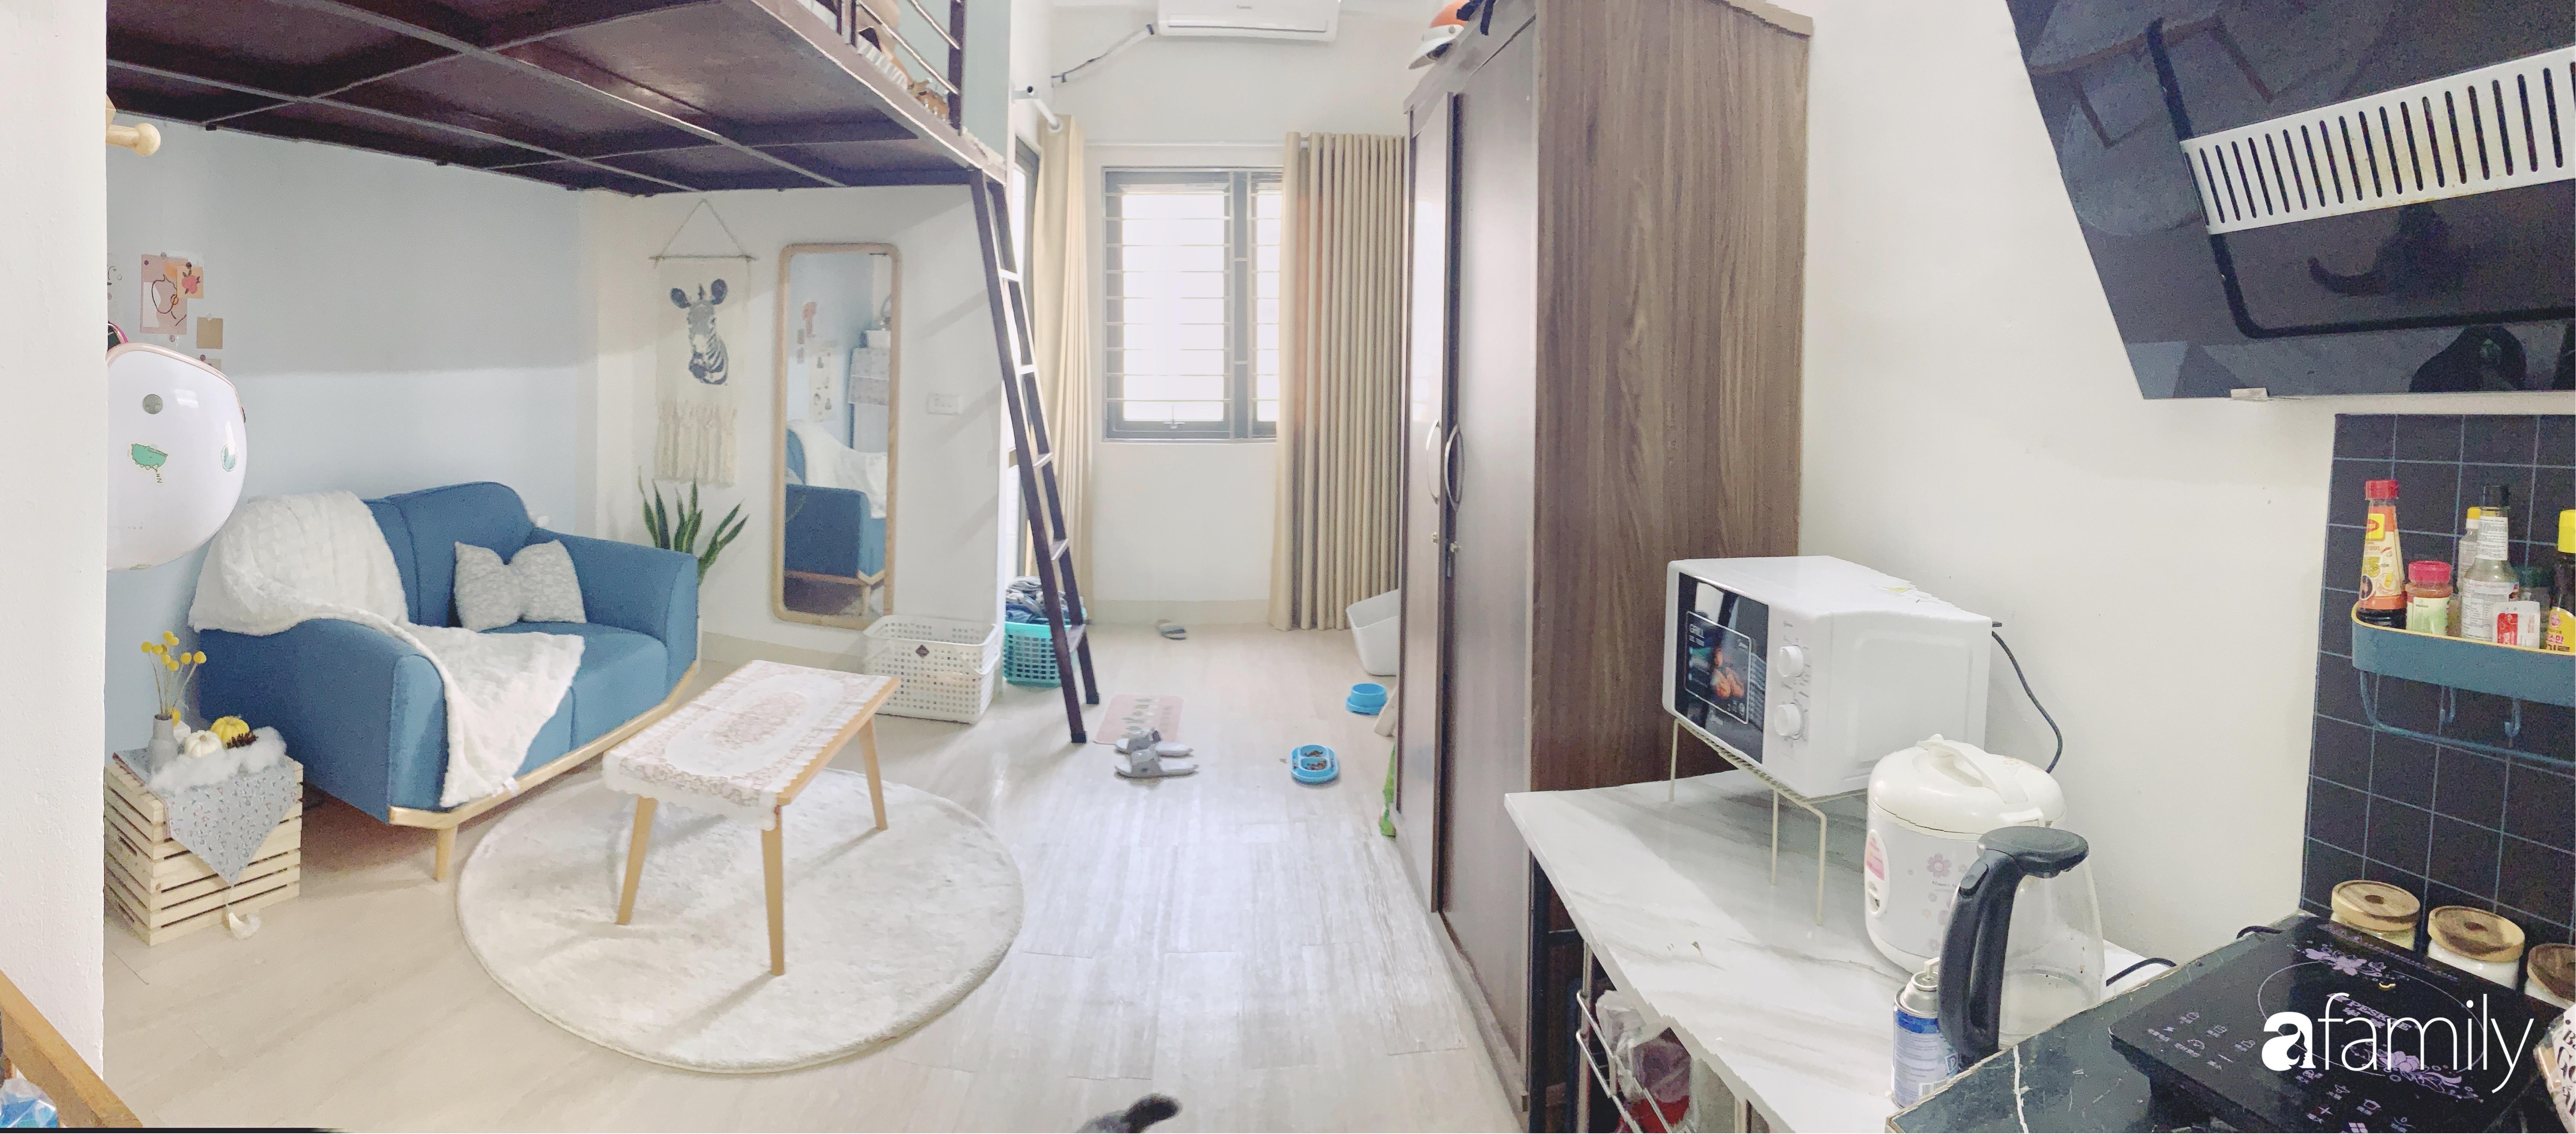 Ngắm không gian đi thuê 25m² của cô sinh viên thiết kế đồ họa, tự lên ý tưởng cải tạo và decor lại với chi phí khoảng 10 triệu đồng - Ảnh 4.